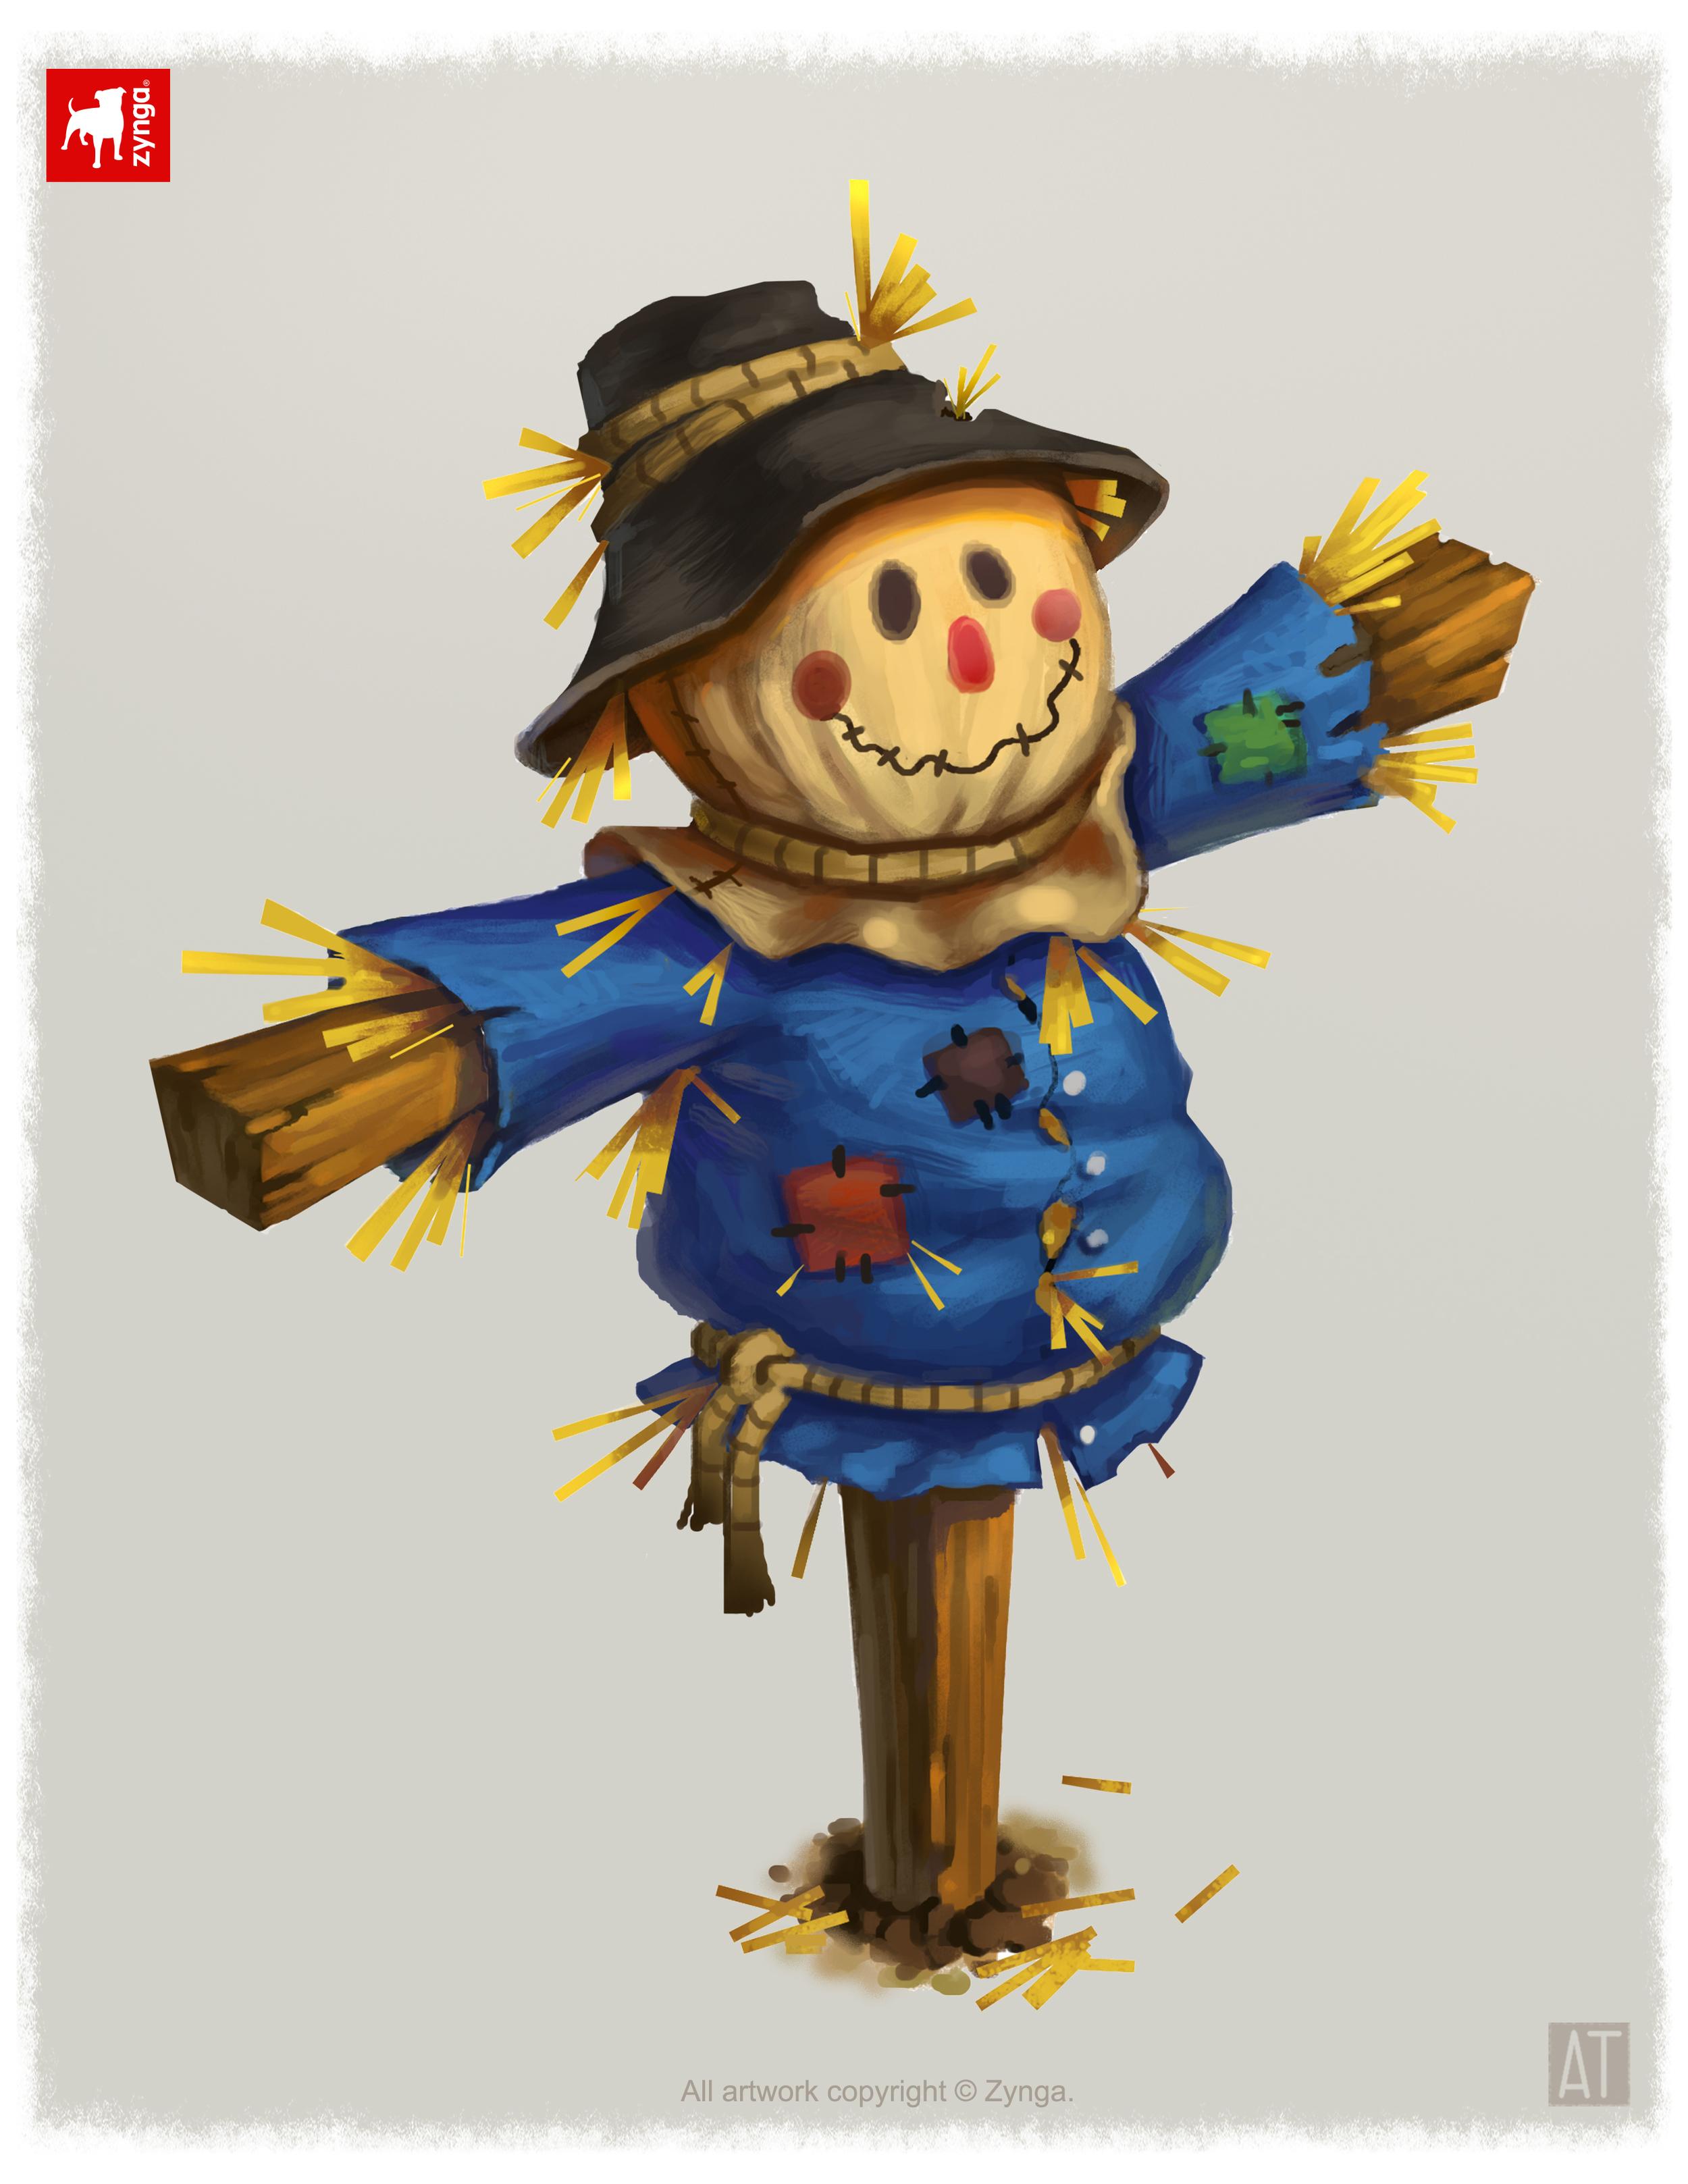 deco_scarecrow.jpg